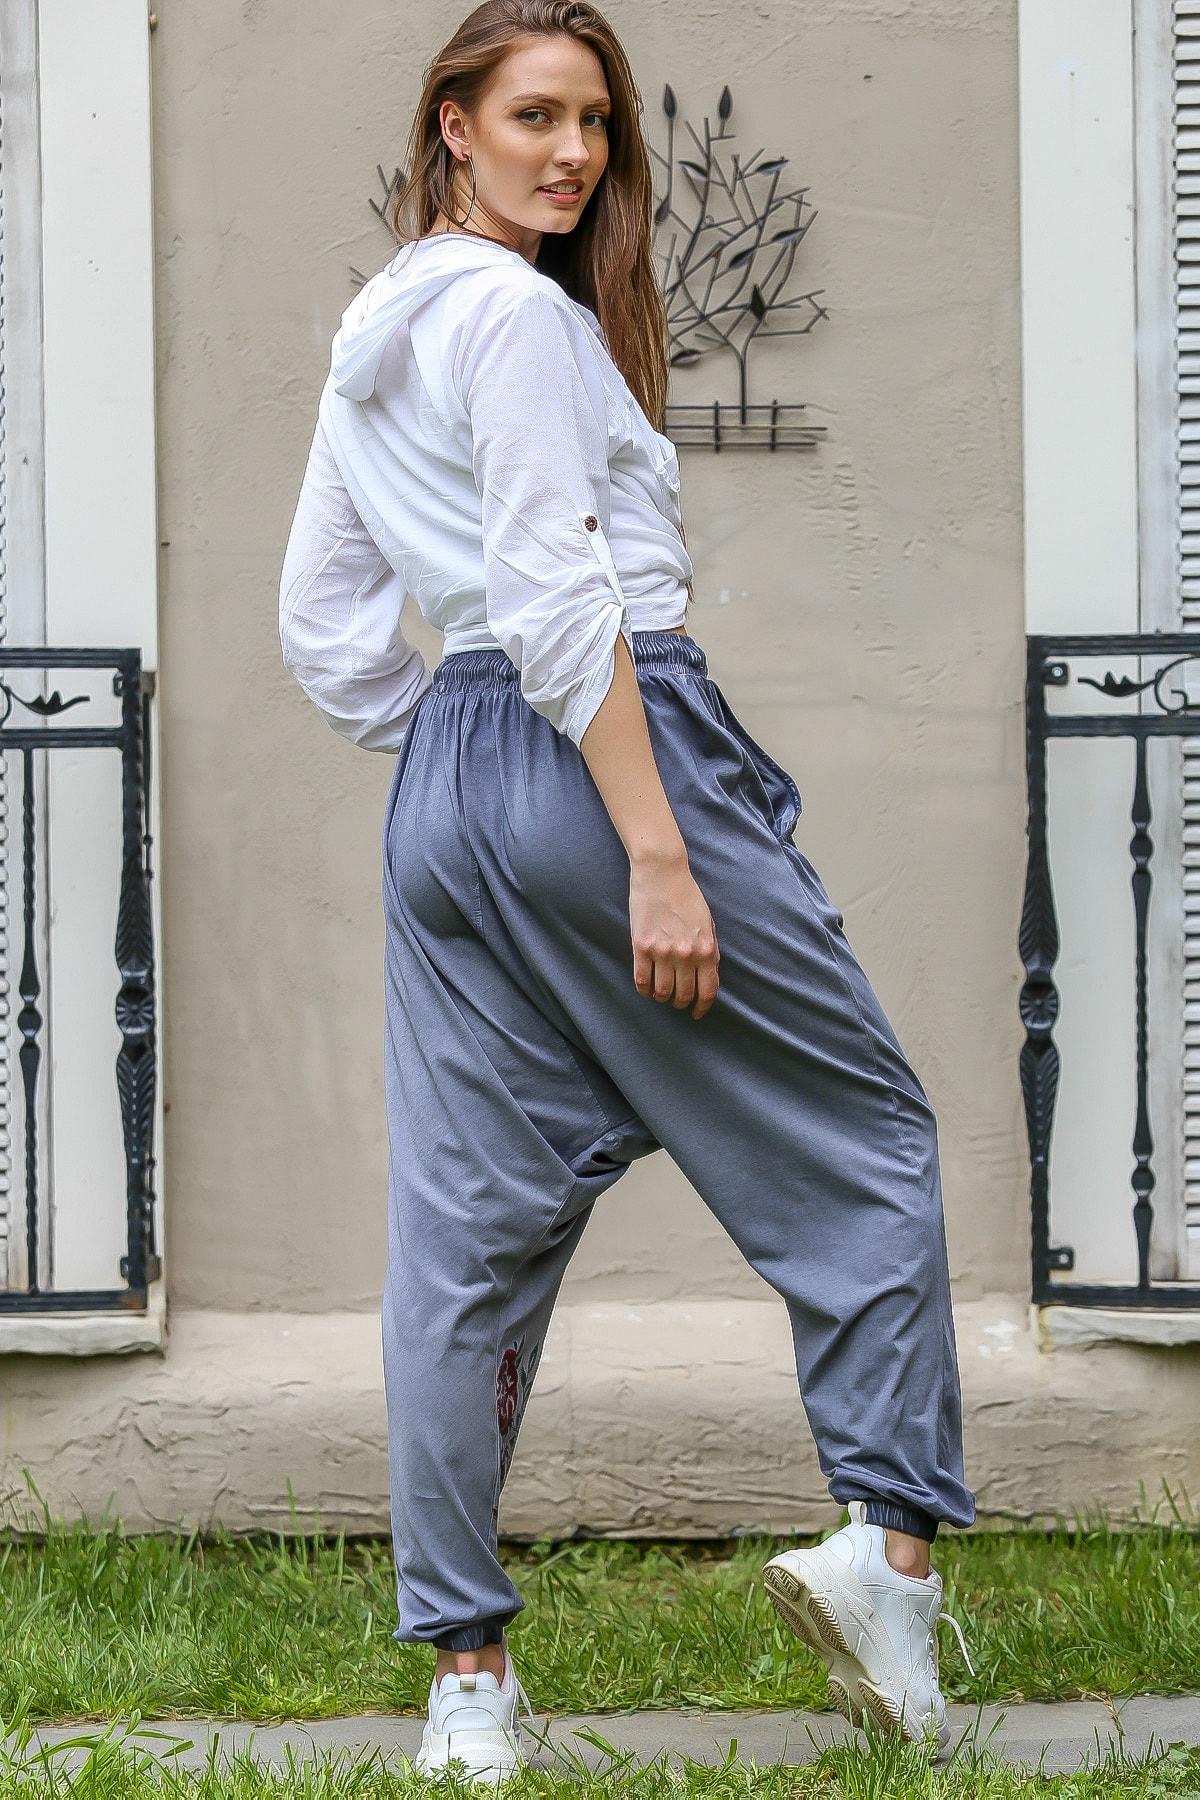 Chiccy Kadın Mavi Gül Baskılı Cepli Salaş Yıkamalı Şalvar Pantolon M10060000PN98860 4